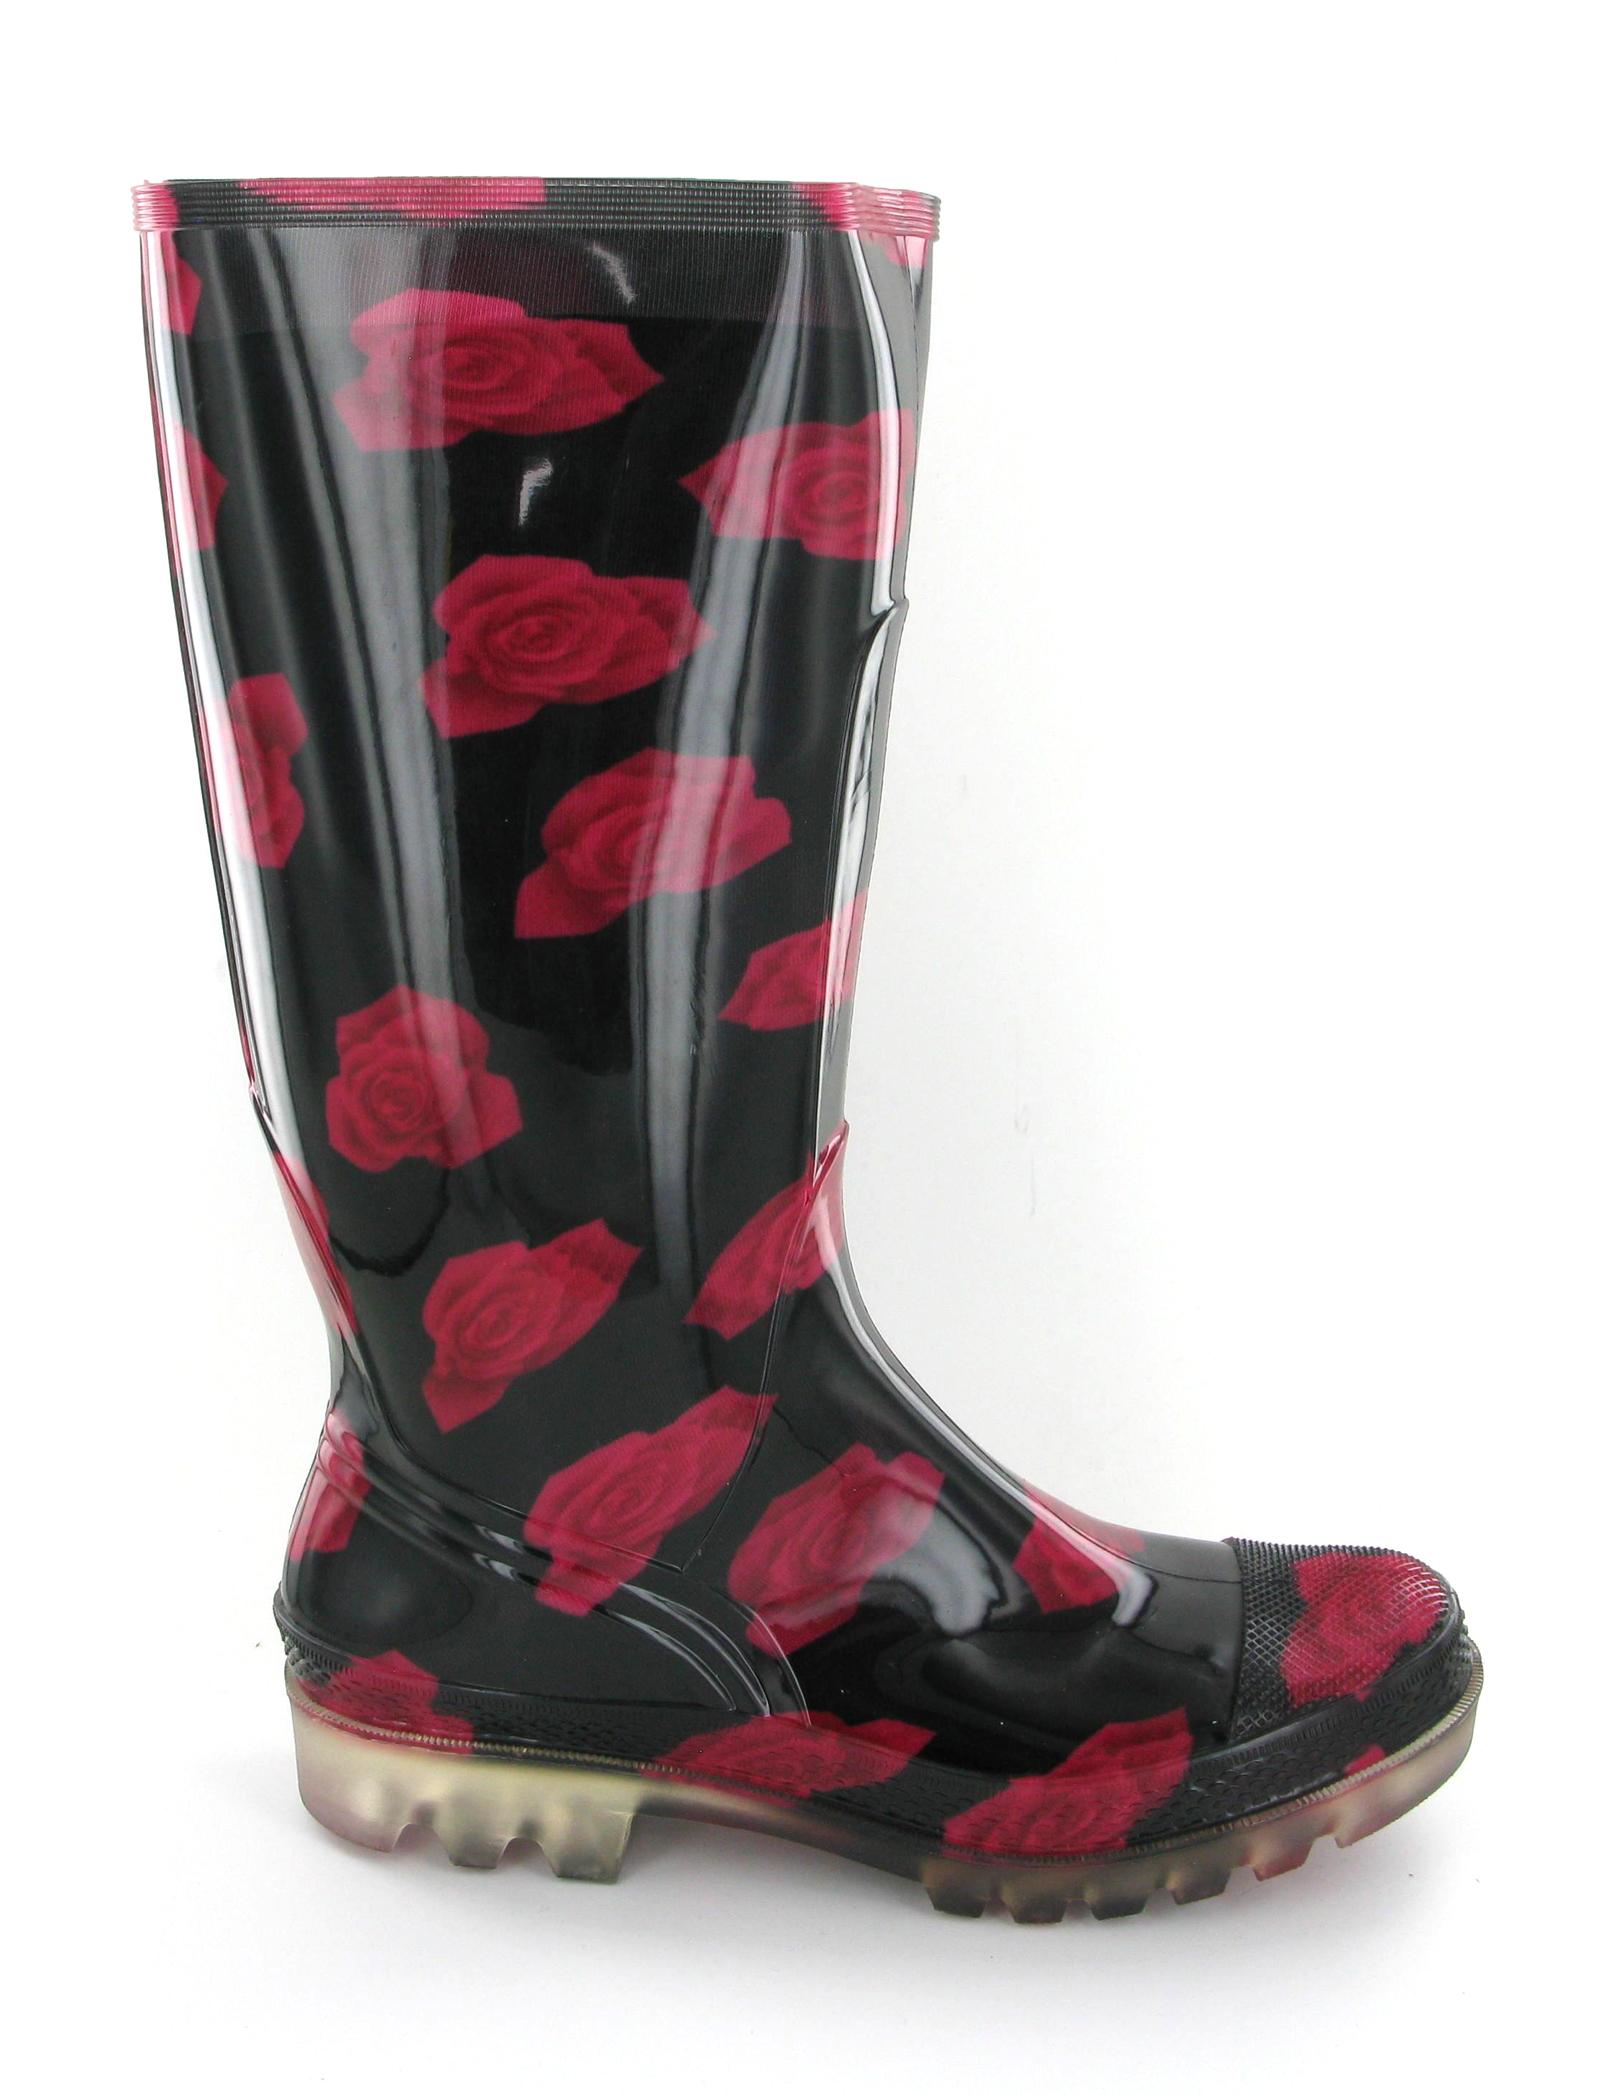 Fantastic BOOT SHOP Keen Womenu0026#39;s Silverton Waterproof Winter Boot